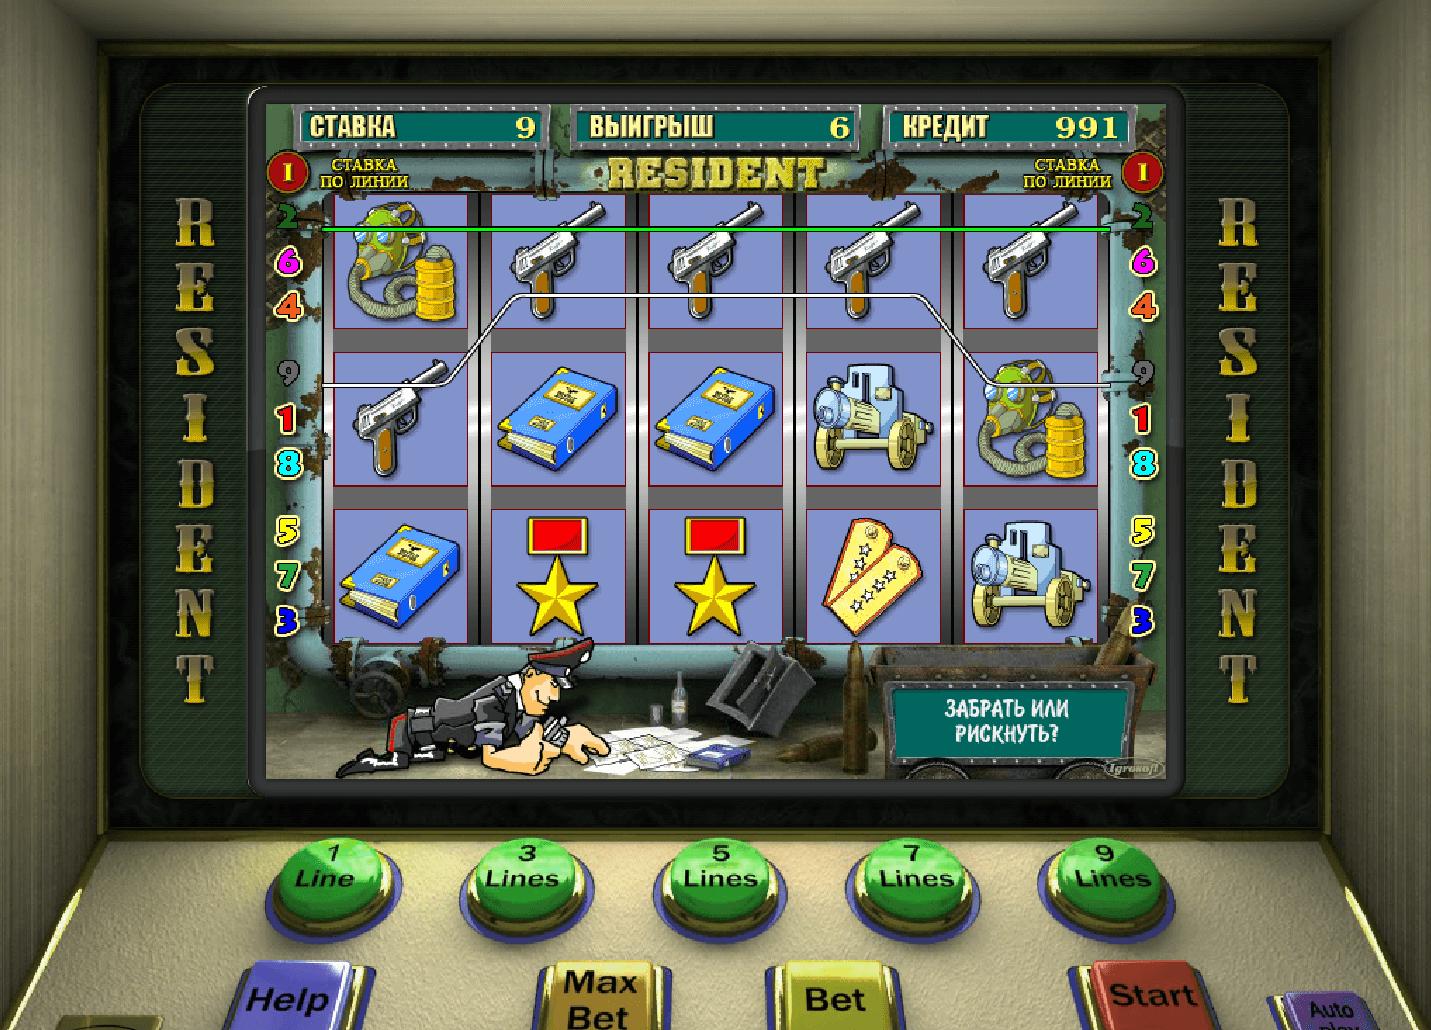 Играть игровые автоматы aladdin азартные игры pfdbcbvjcnm